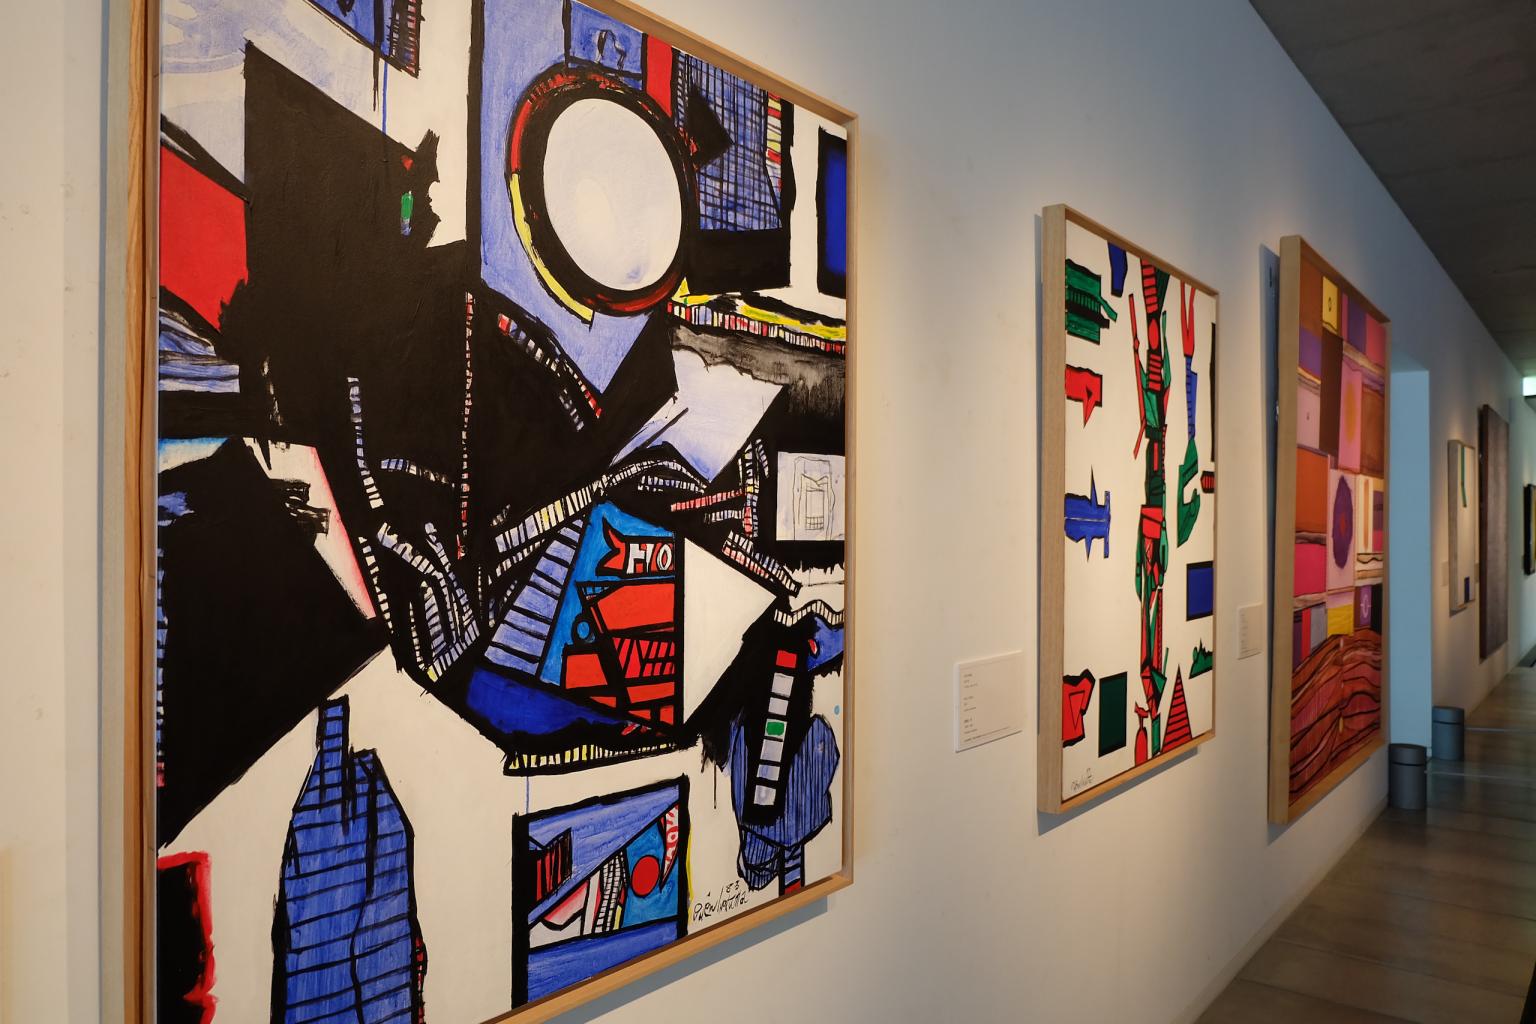 Shikokumura Gallery